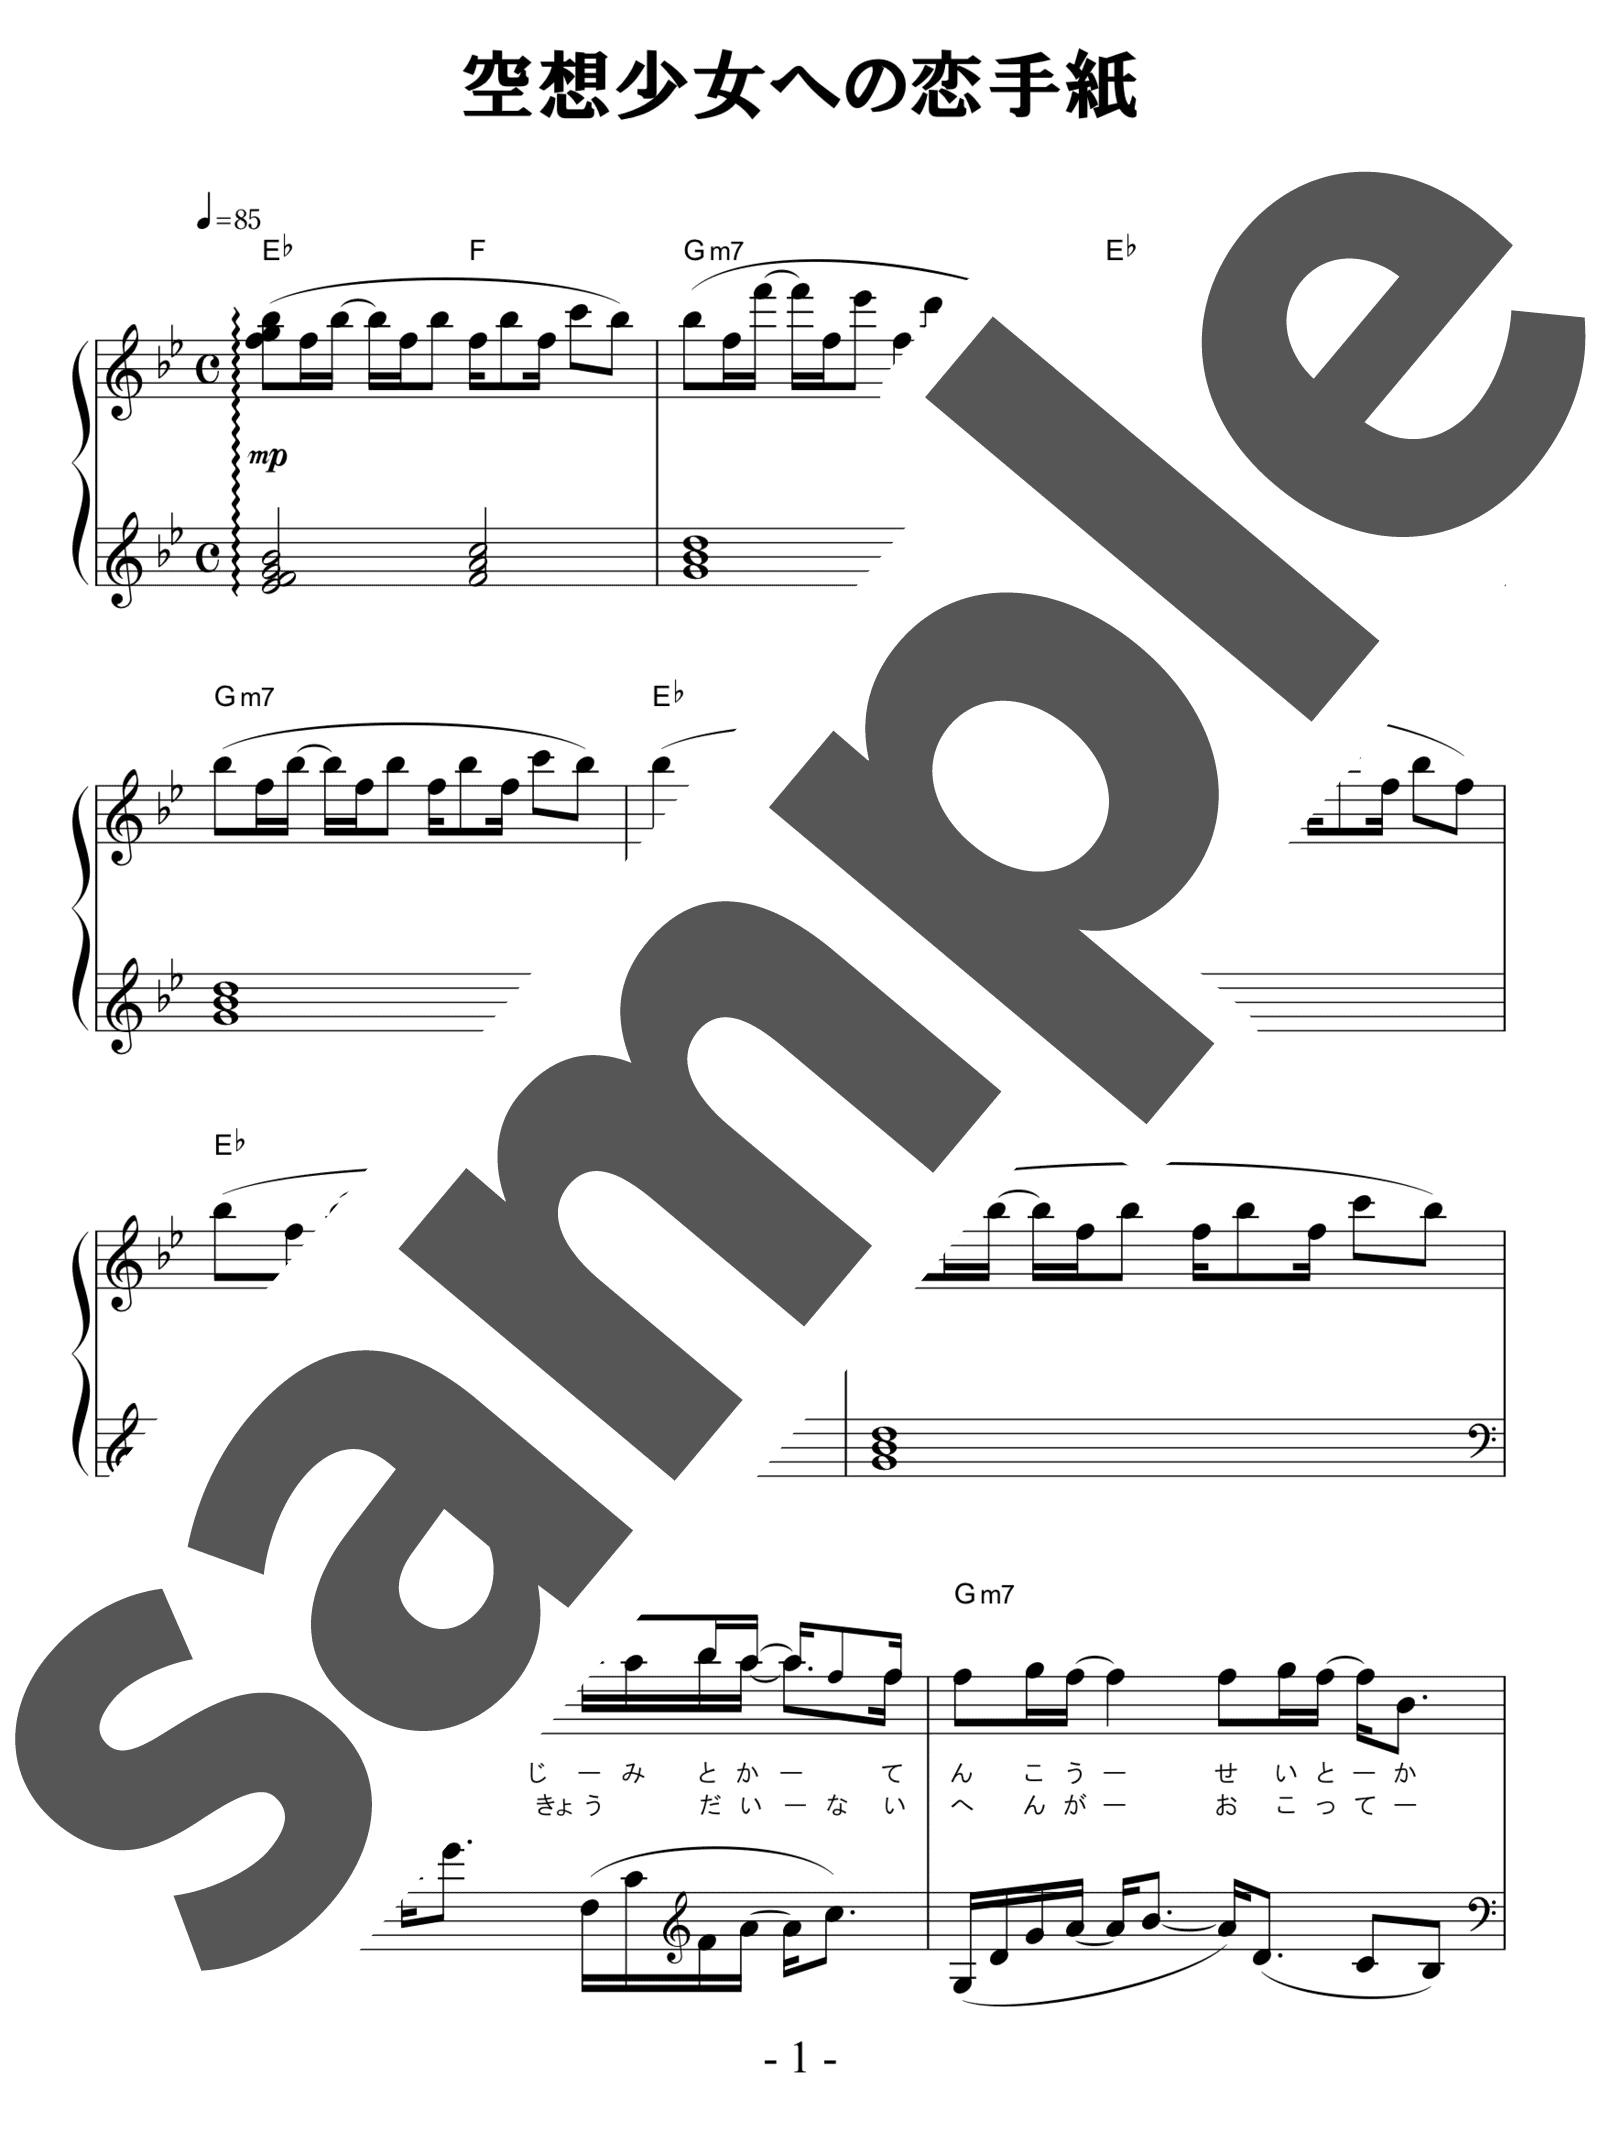 「空想少女への恋手紙」のサンプル楽譜